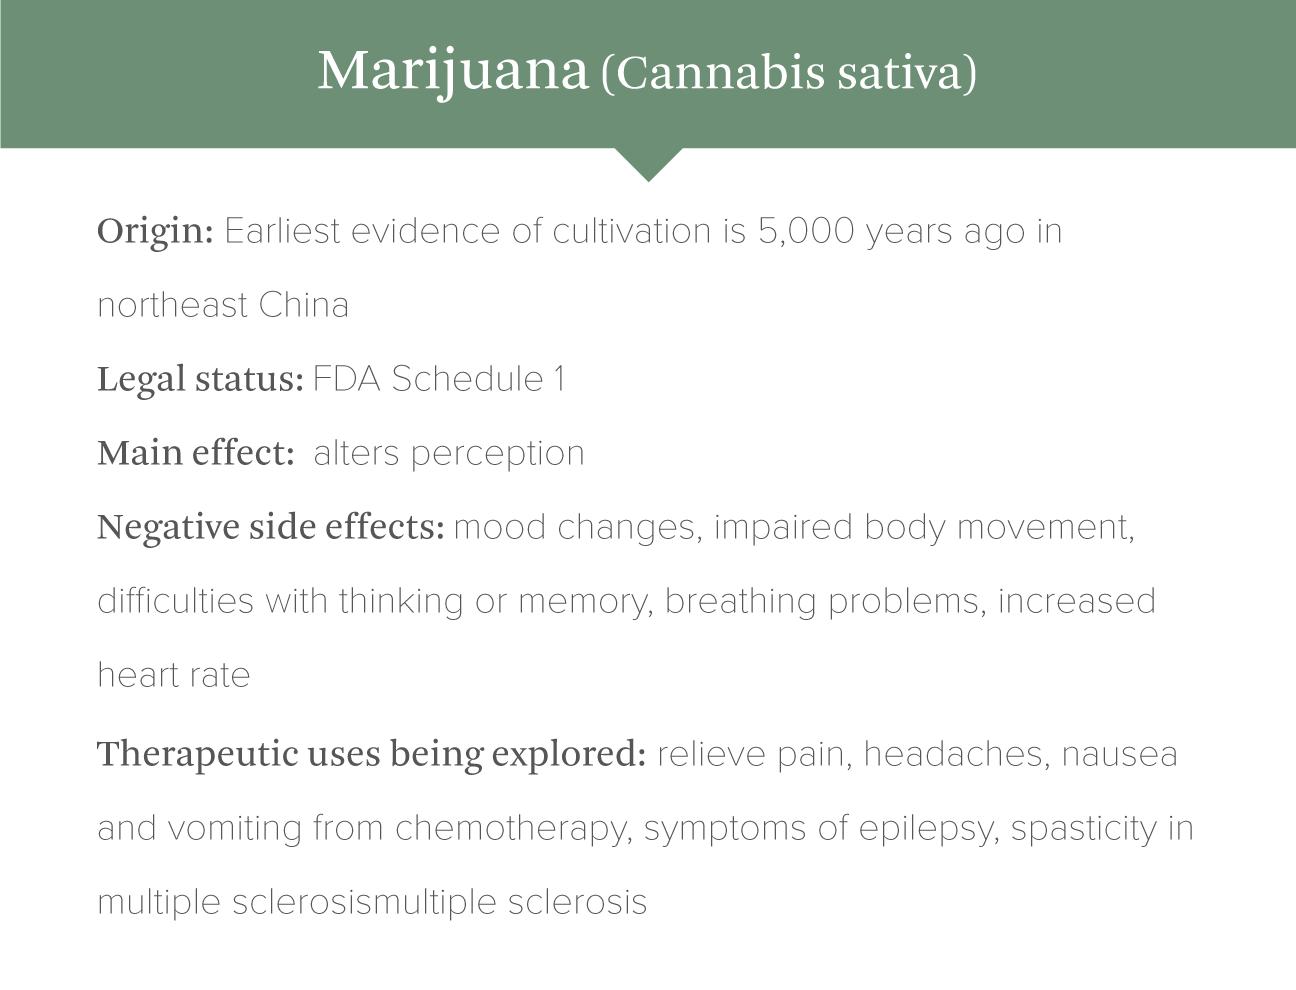 marijuana infopgraphic